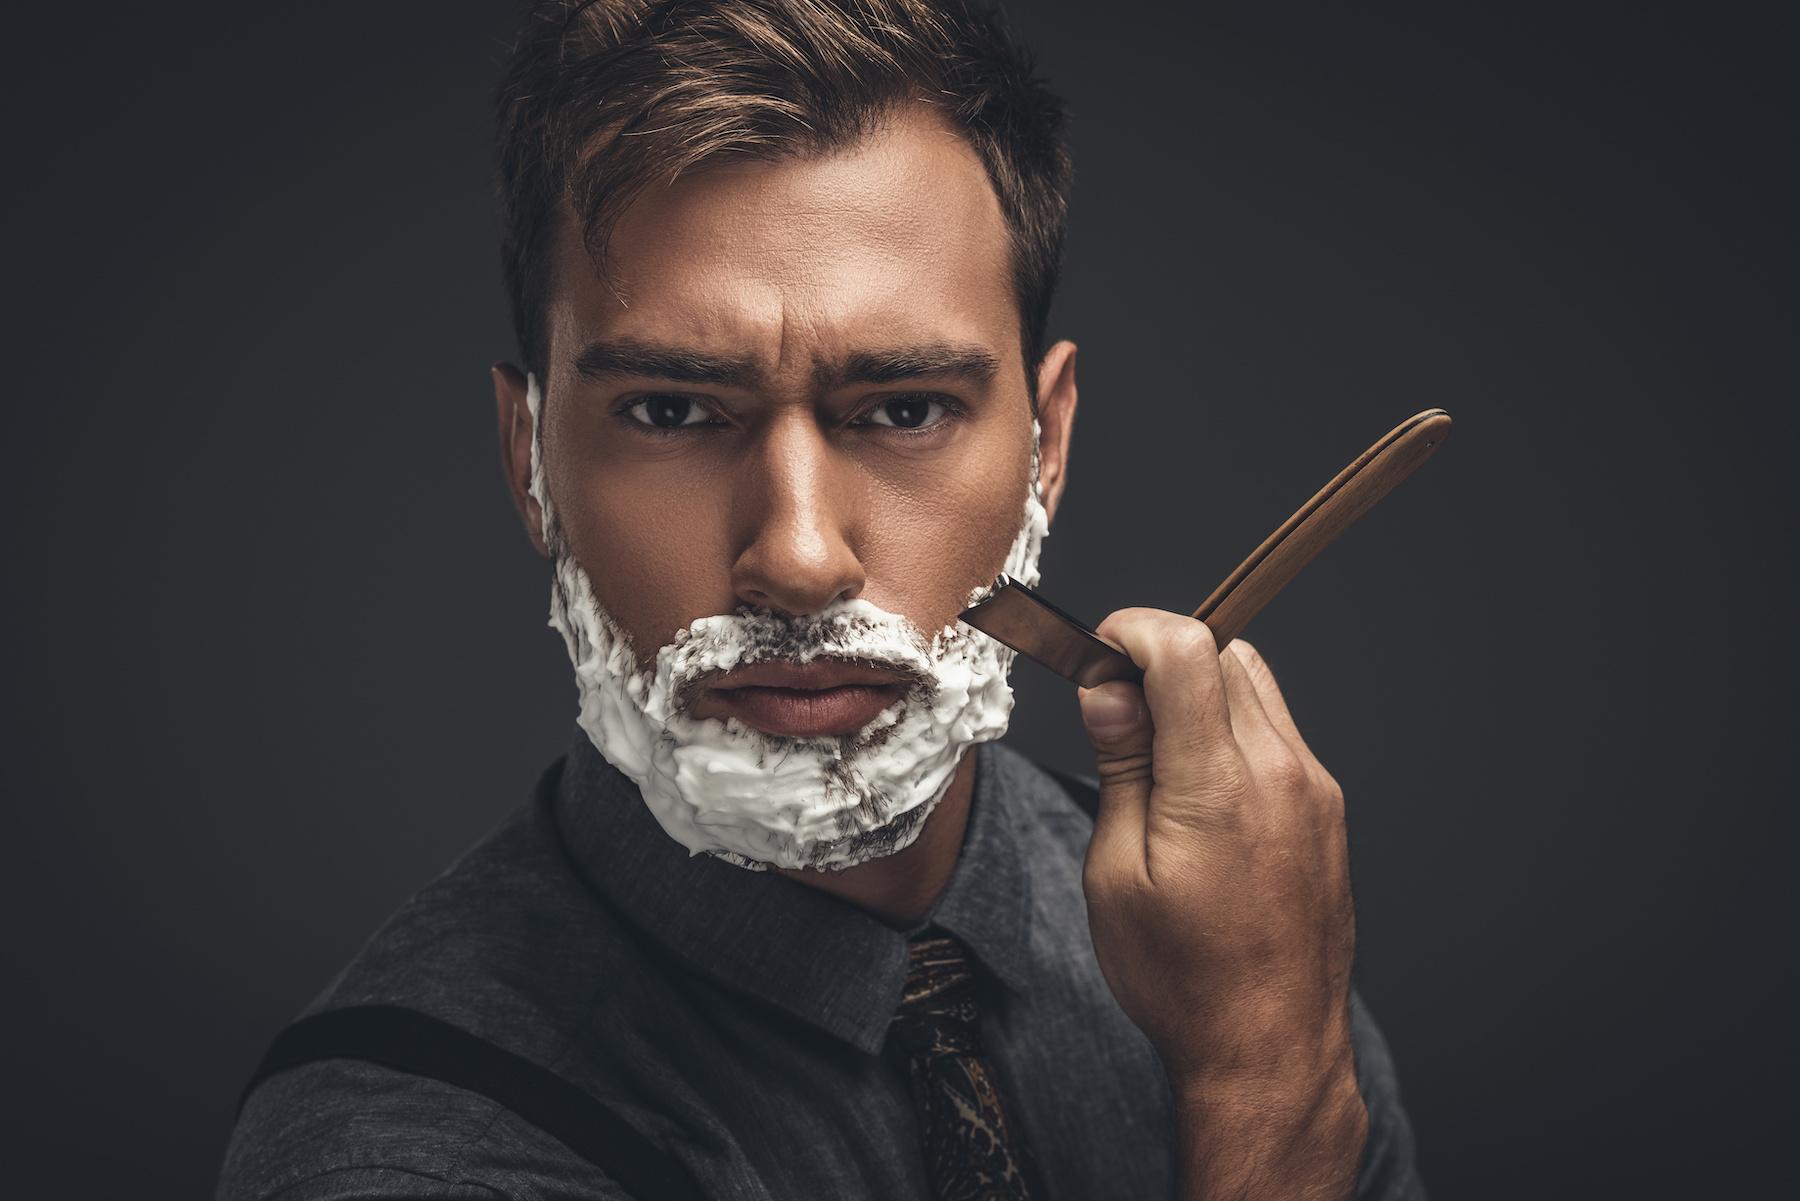 Wraca moda na golenie brzytwą. Jak się ogolić brzytwą?